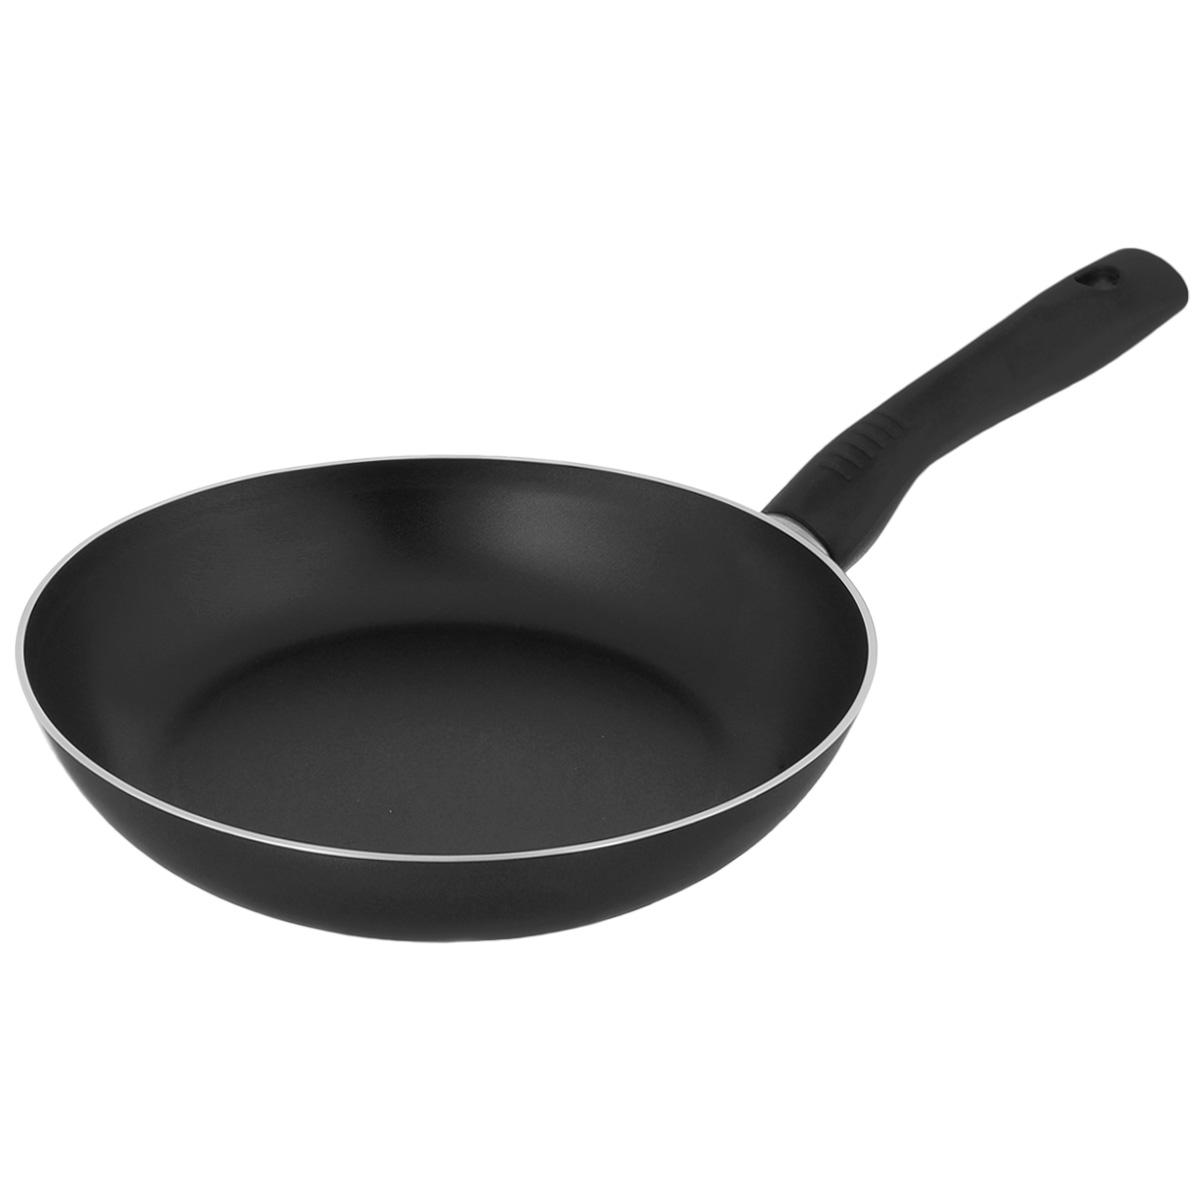 Сковорода TVS Basilico, с антипригарным покрытием, цвет: черный. Диаметр 26 см сотейник tvs basilico с двумя ручками цвет черный диаметр 24 см